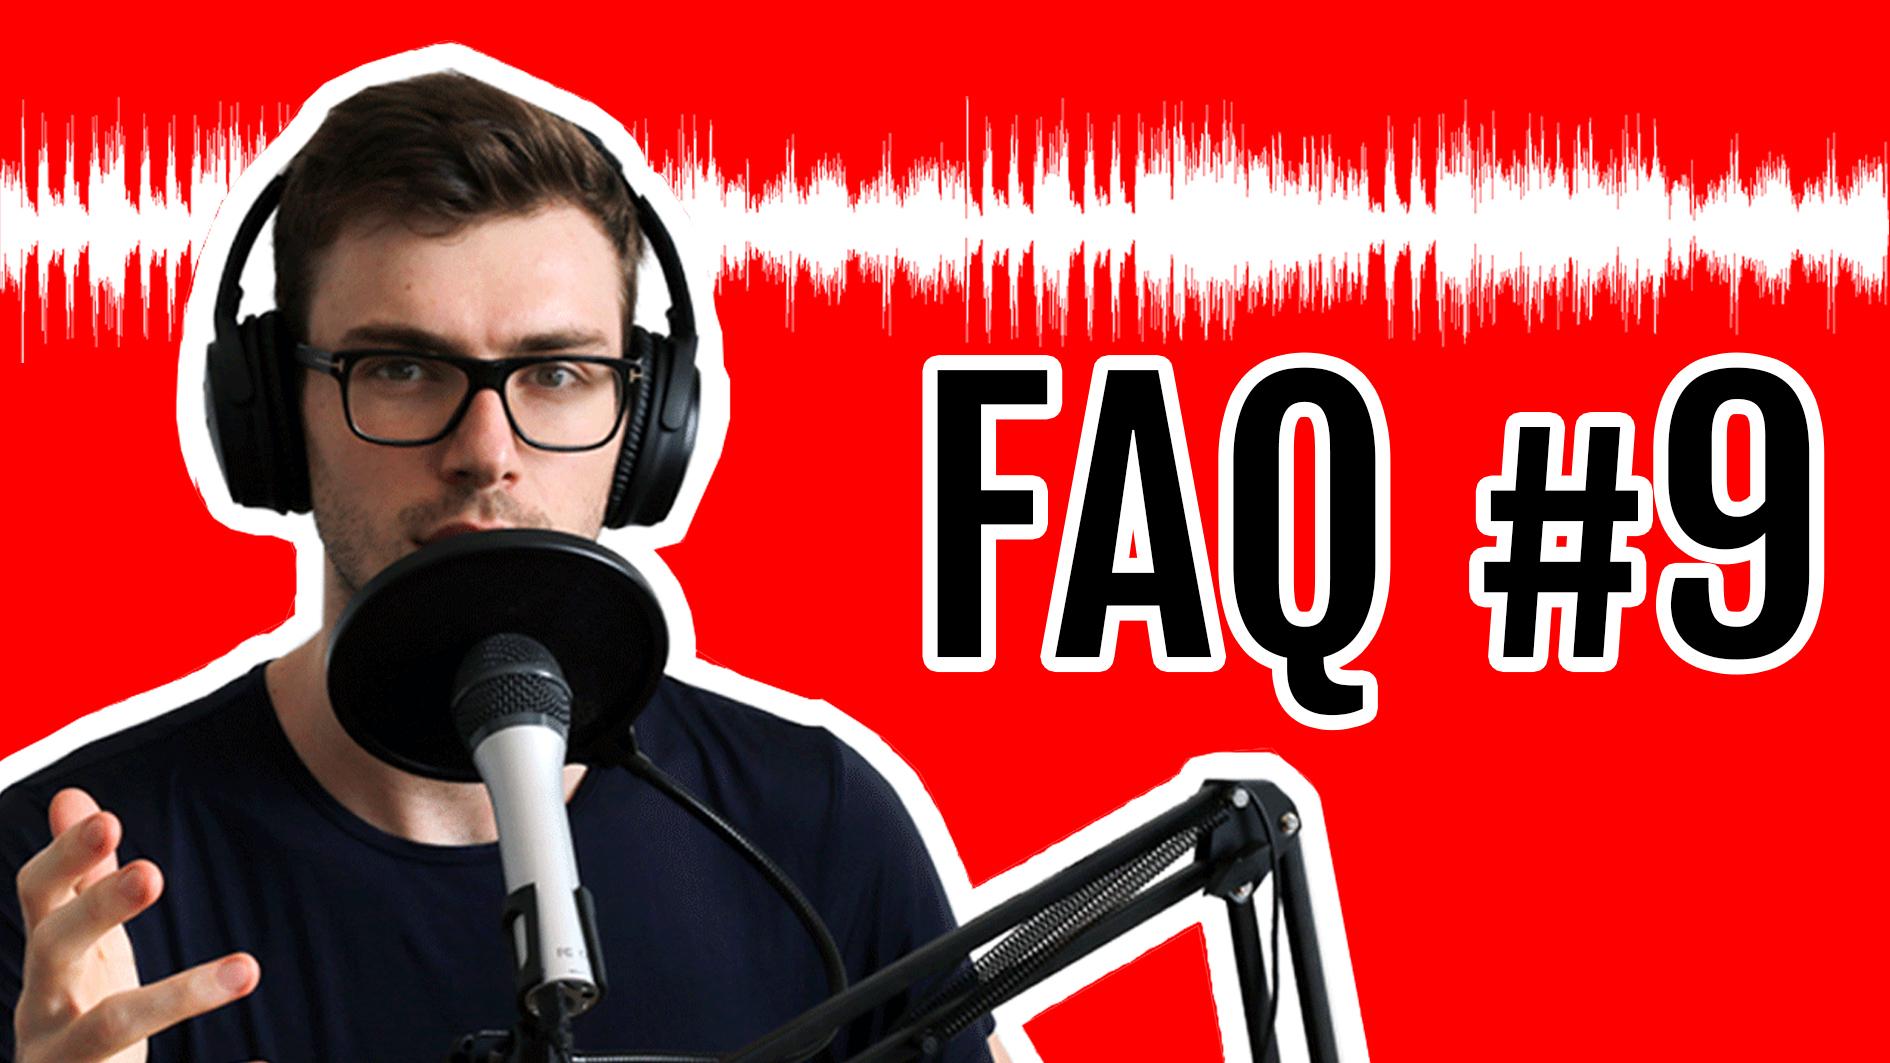 FAQ #9 du podcast Marketing Mania, présenter par Stan Leloup : les coachs imposteurs ; collaborations YouTube ; comment lire beaucoup